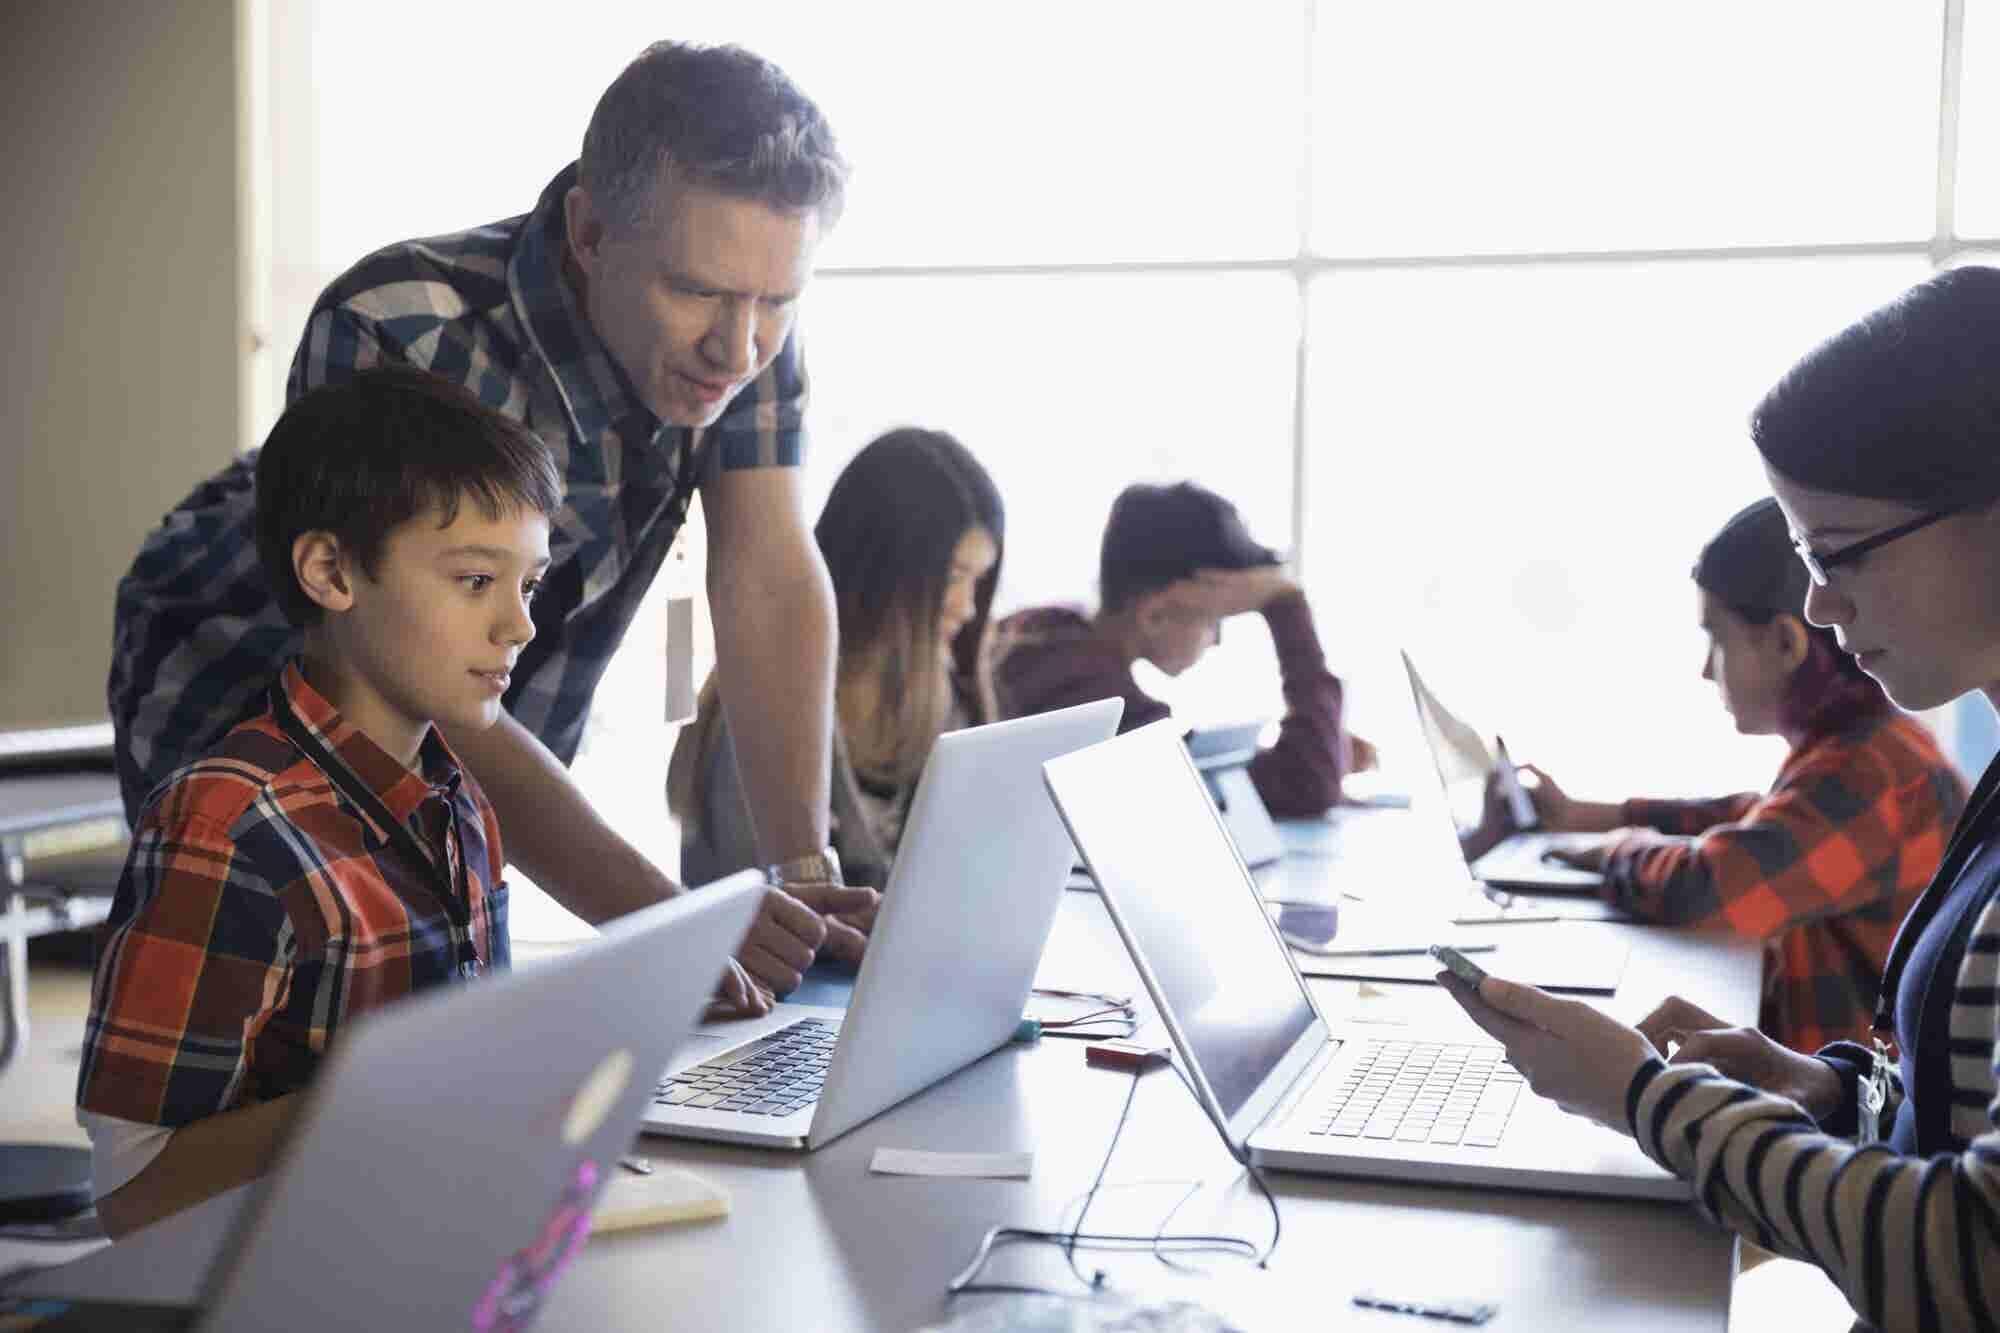 4 Entrepreneurial Skills We Should Be Teaching in Schools